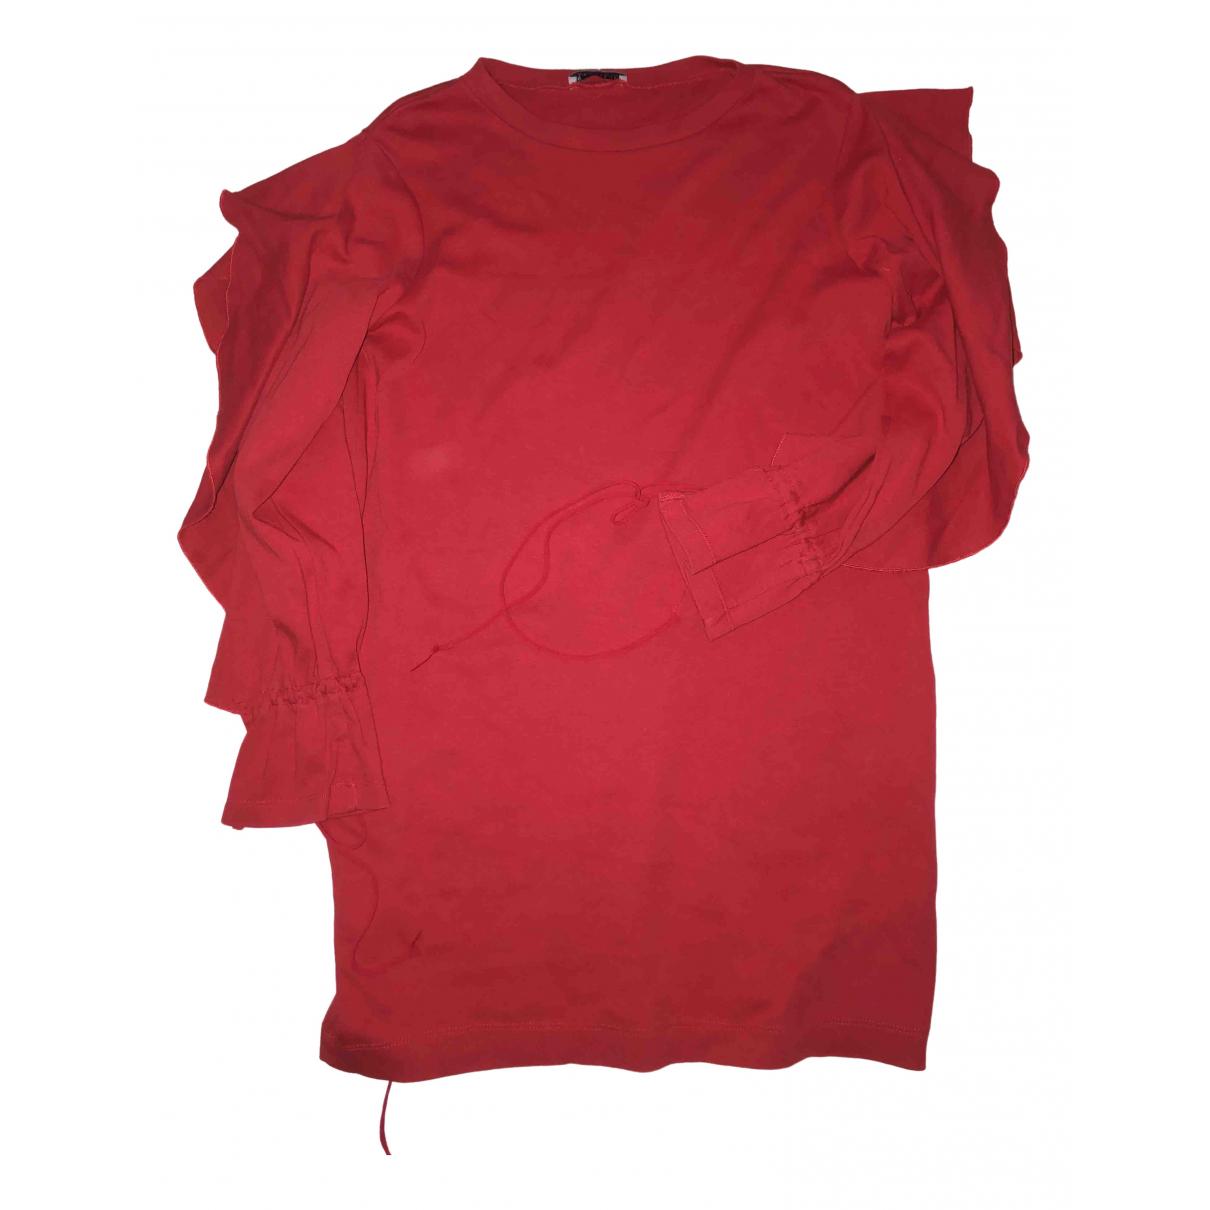 Zara \N Kleid in  Rot Baumwolle